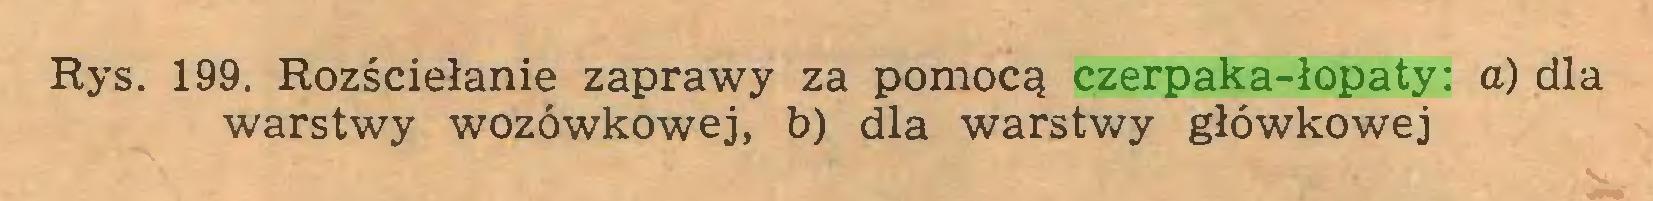 (...) Rys. 199. Rozścielanie zaprawy za pomocą czerpaka-łopaty: a) dla warstwy wozówkowej, b) dla warstwy główkowej...